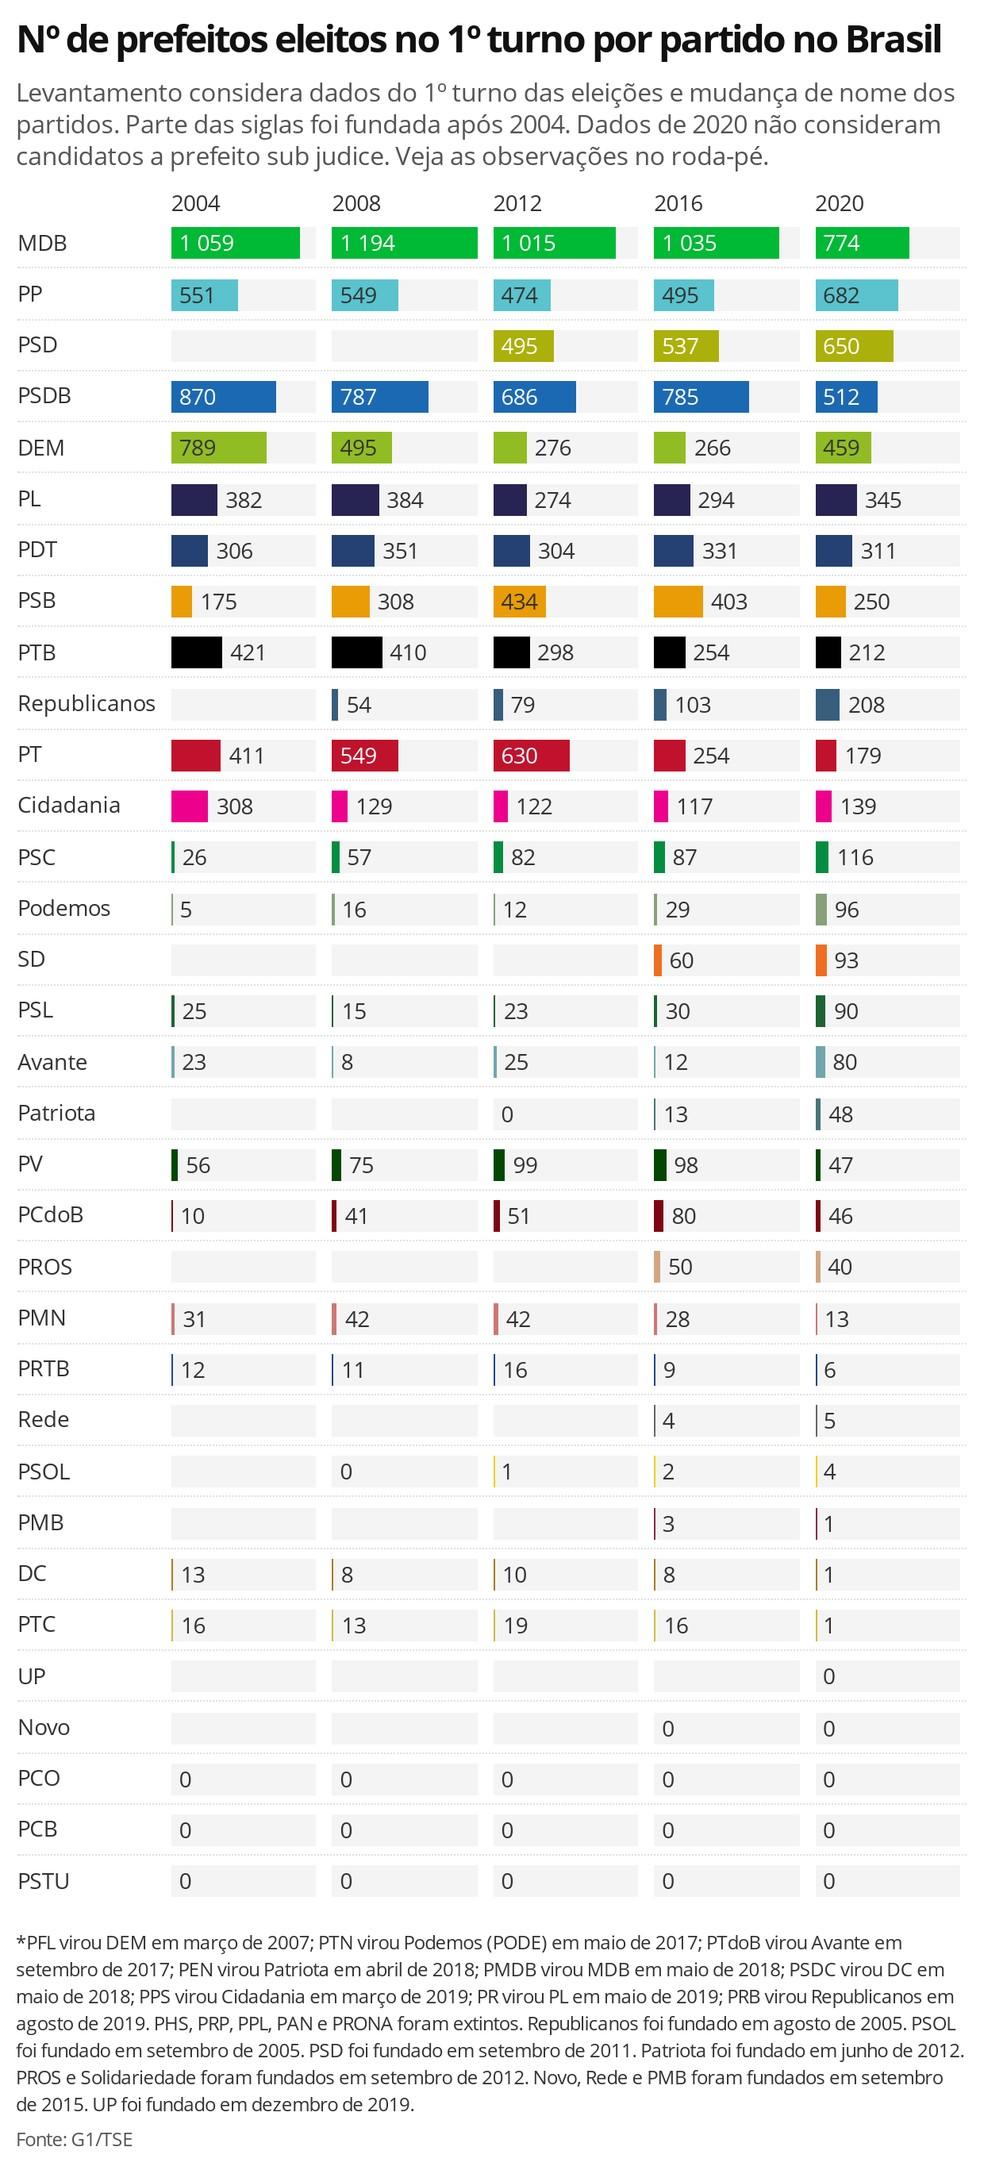 Nº de prefeitos eleitos no 1º turno por partido no Brasil — Foto: Datawrapper / Gabriela Caesar